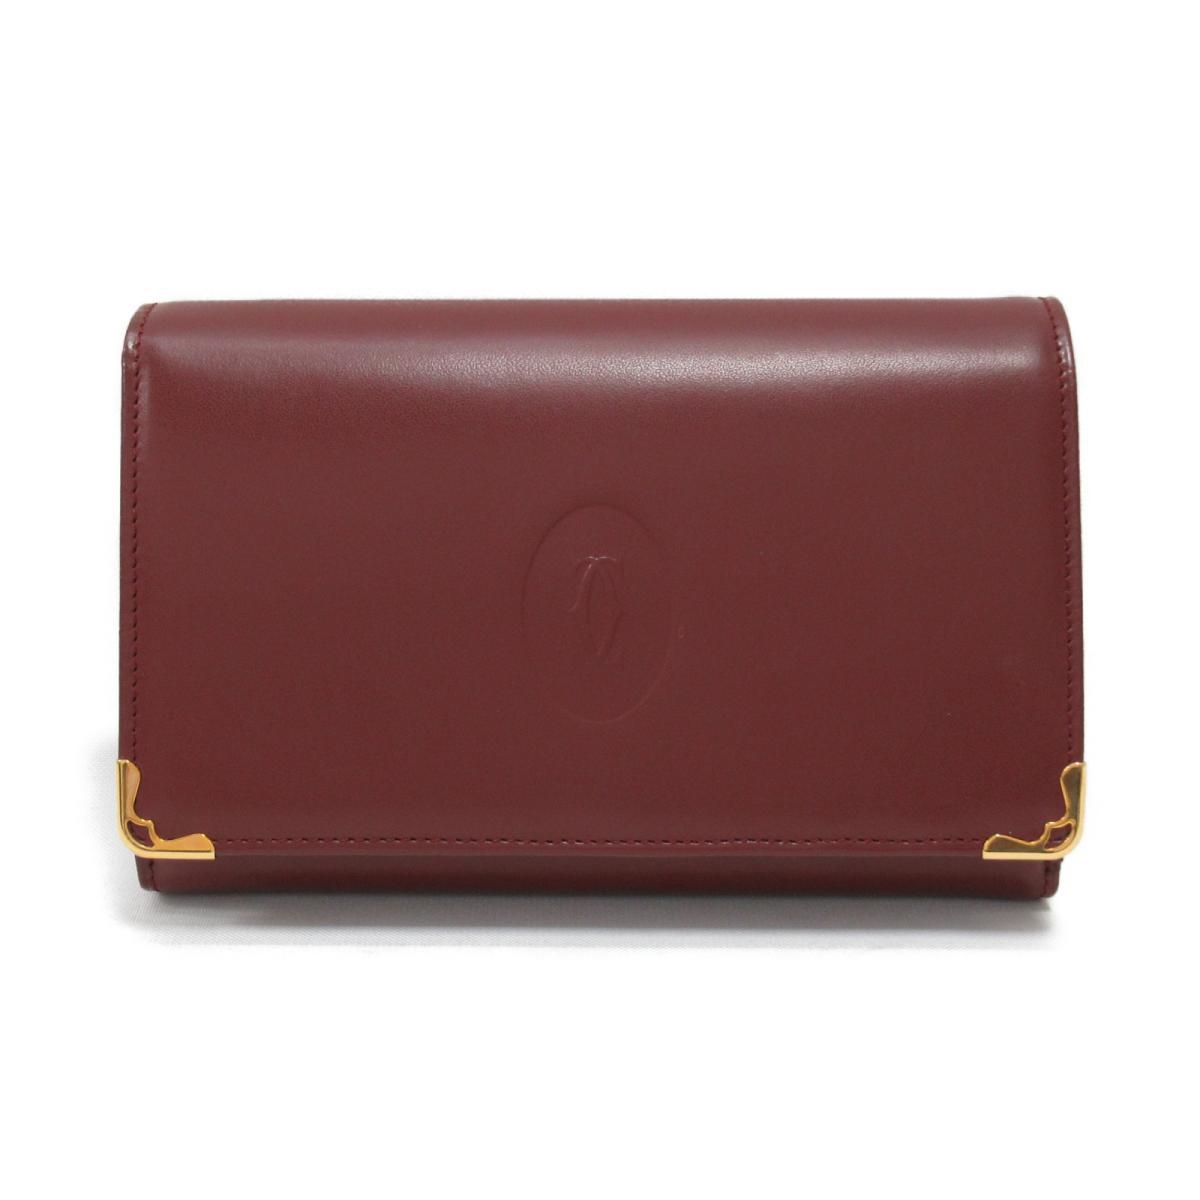 【おすすめ!】マストライン 三つ折財布 長財布